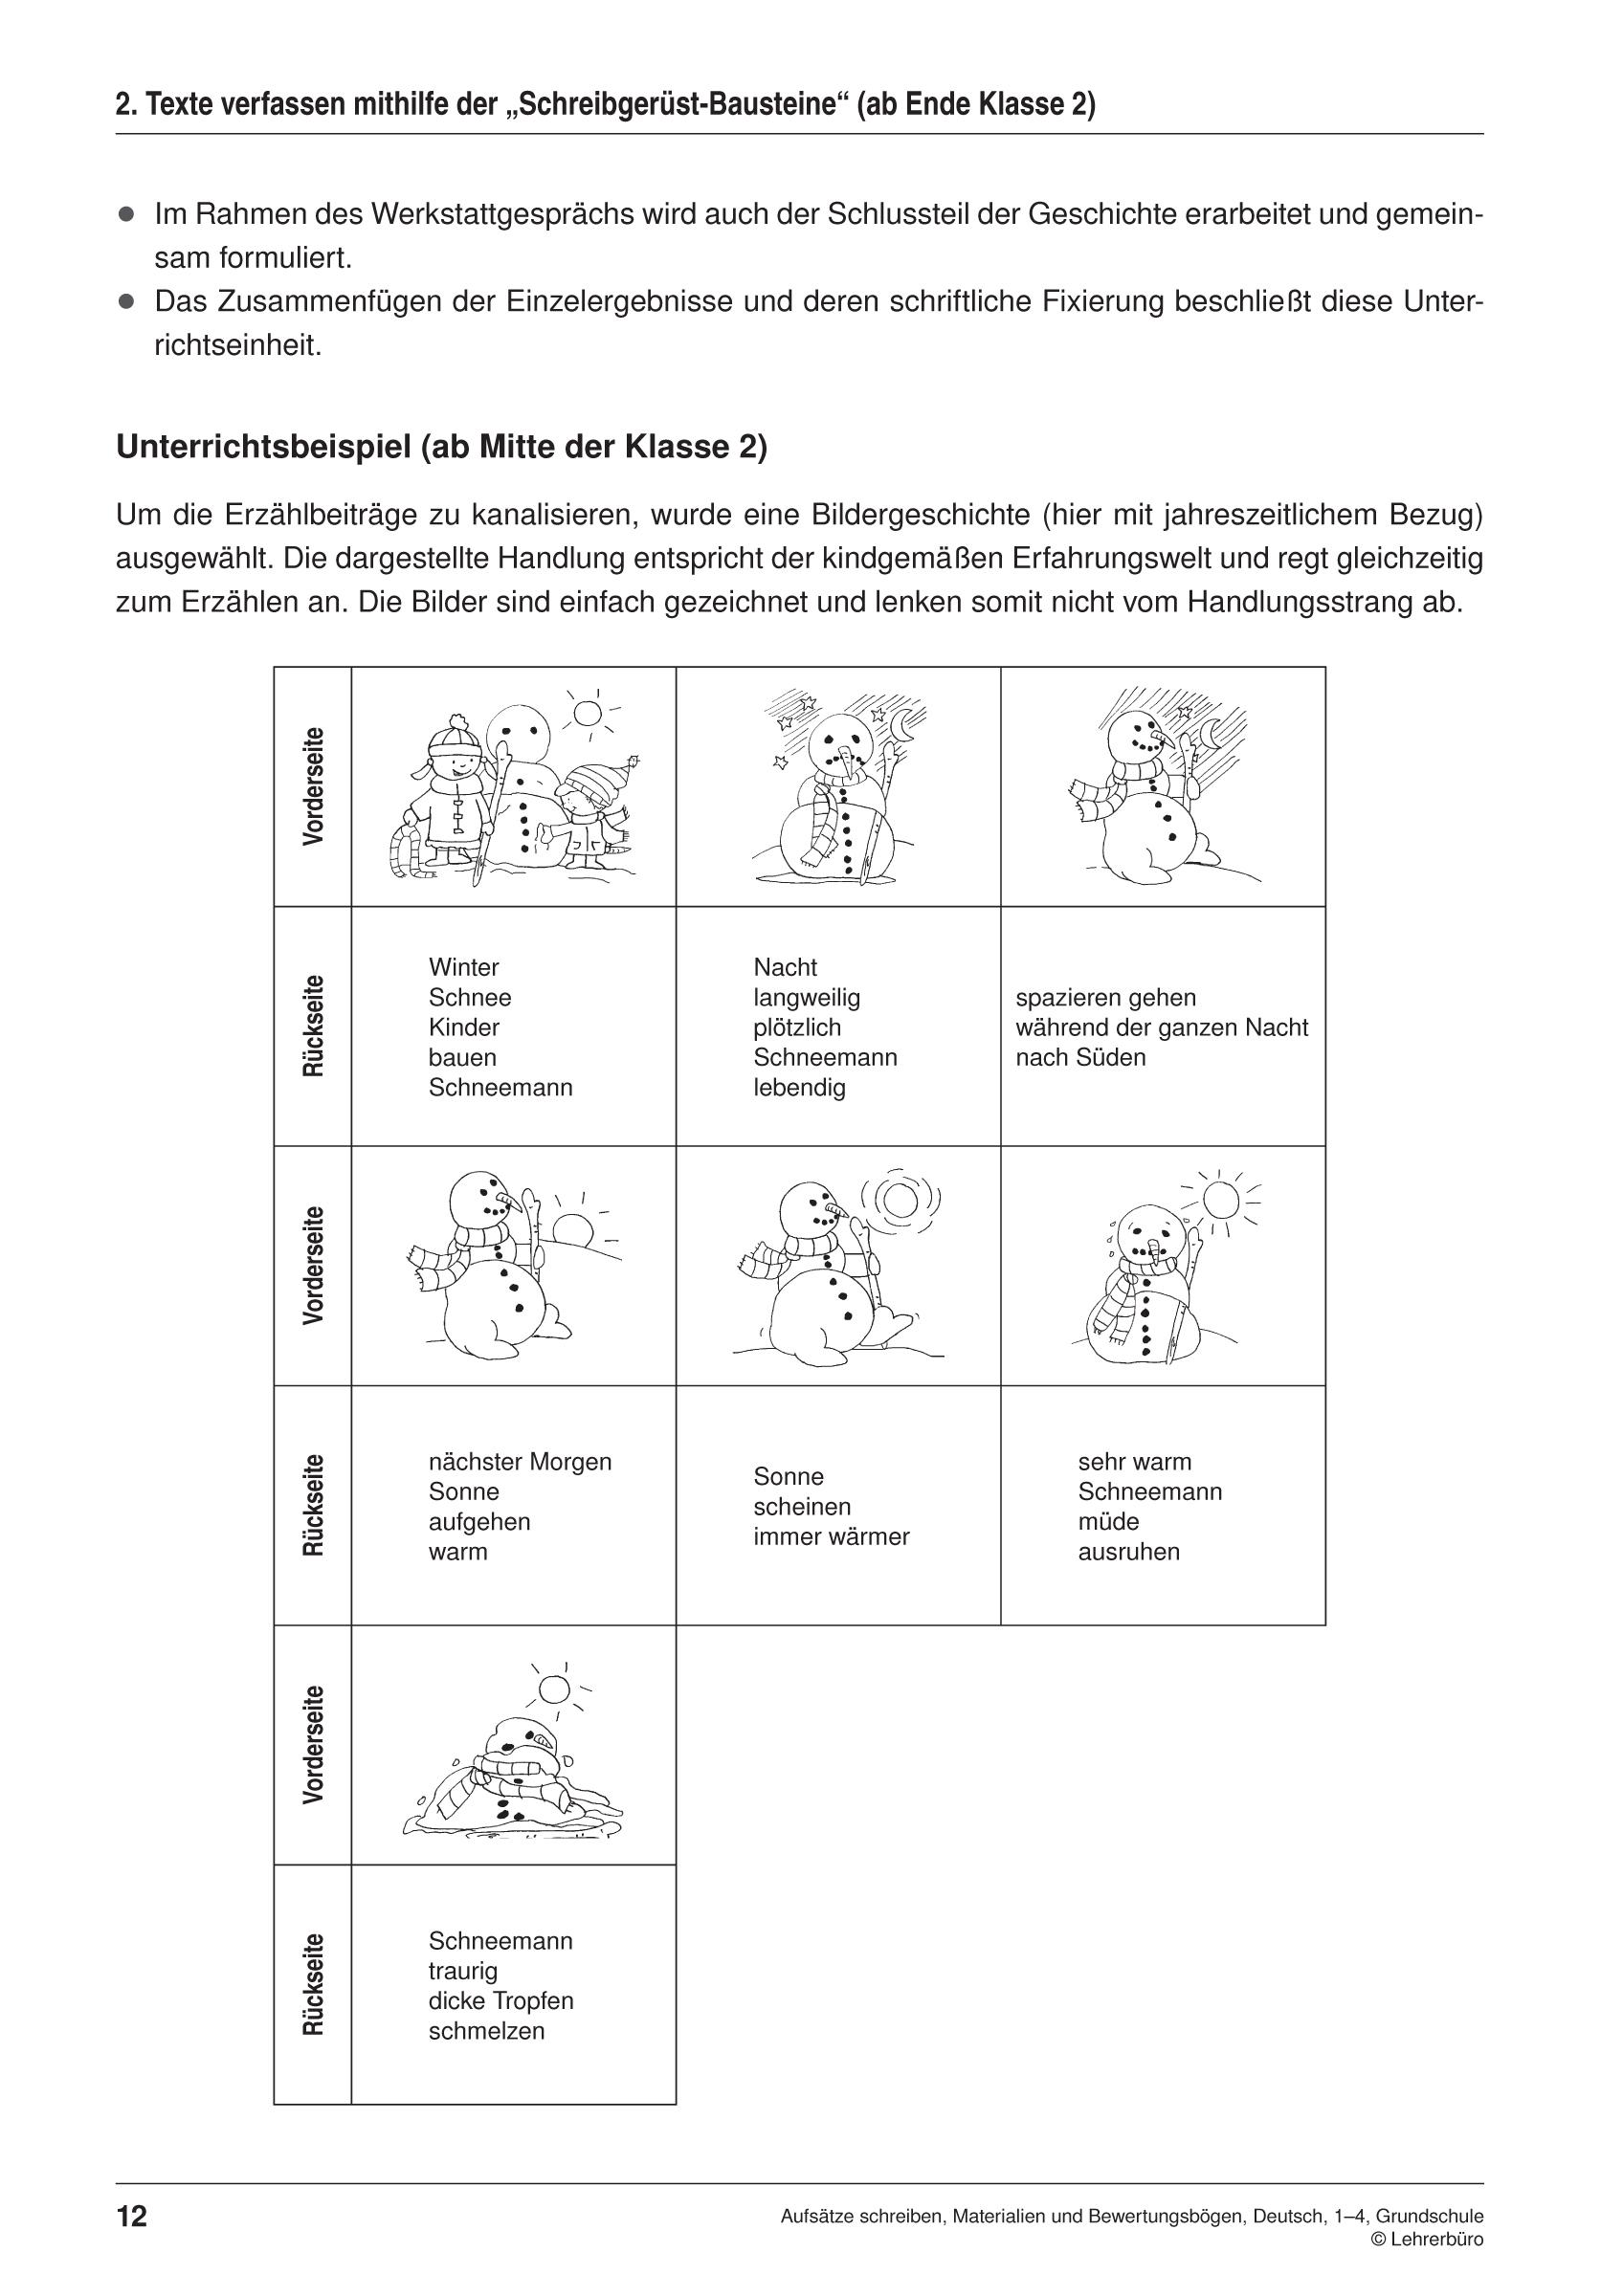 Grundschule Unterrichtsmaterial Deutsch Aufsatz für Texte Verfassen Grundschule 4 Klasse